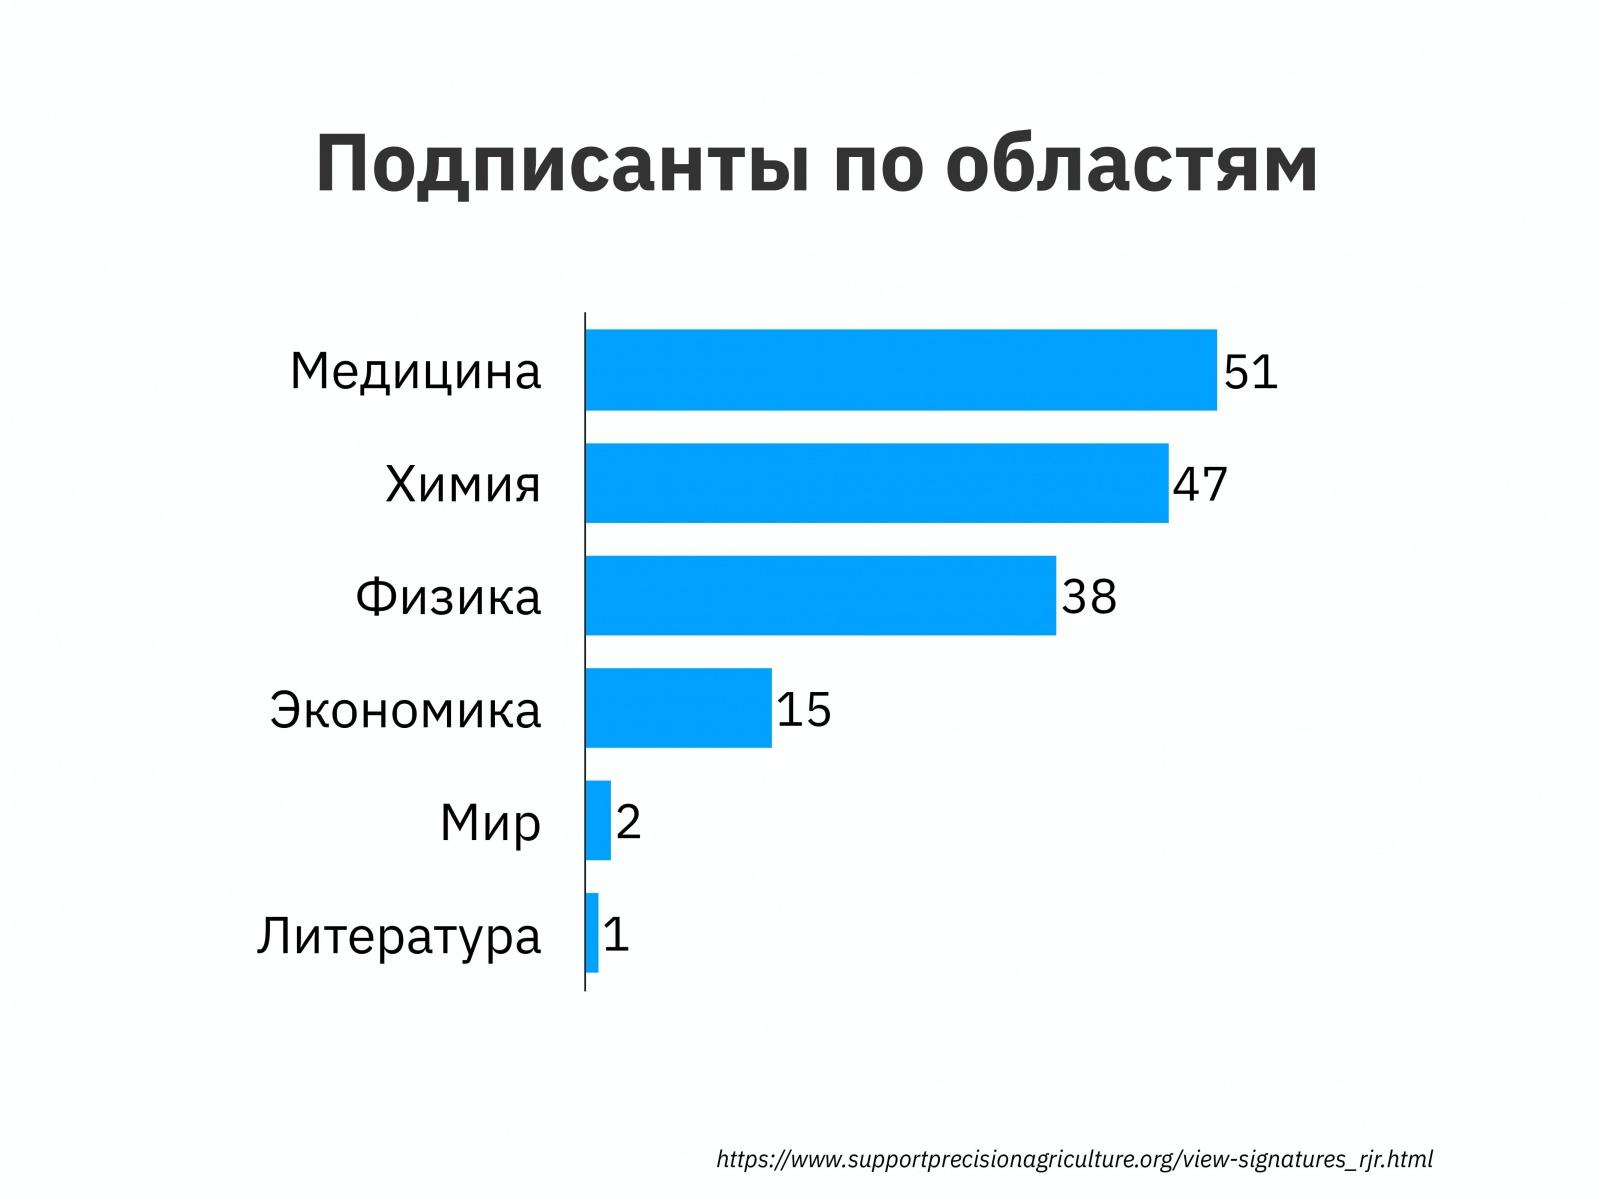 Алексей Каптерев: Критическое мышление 101 (часть 2) - 47